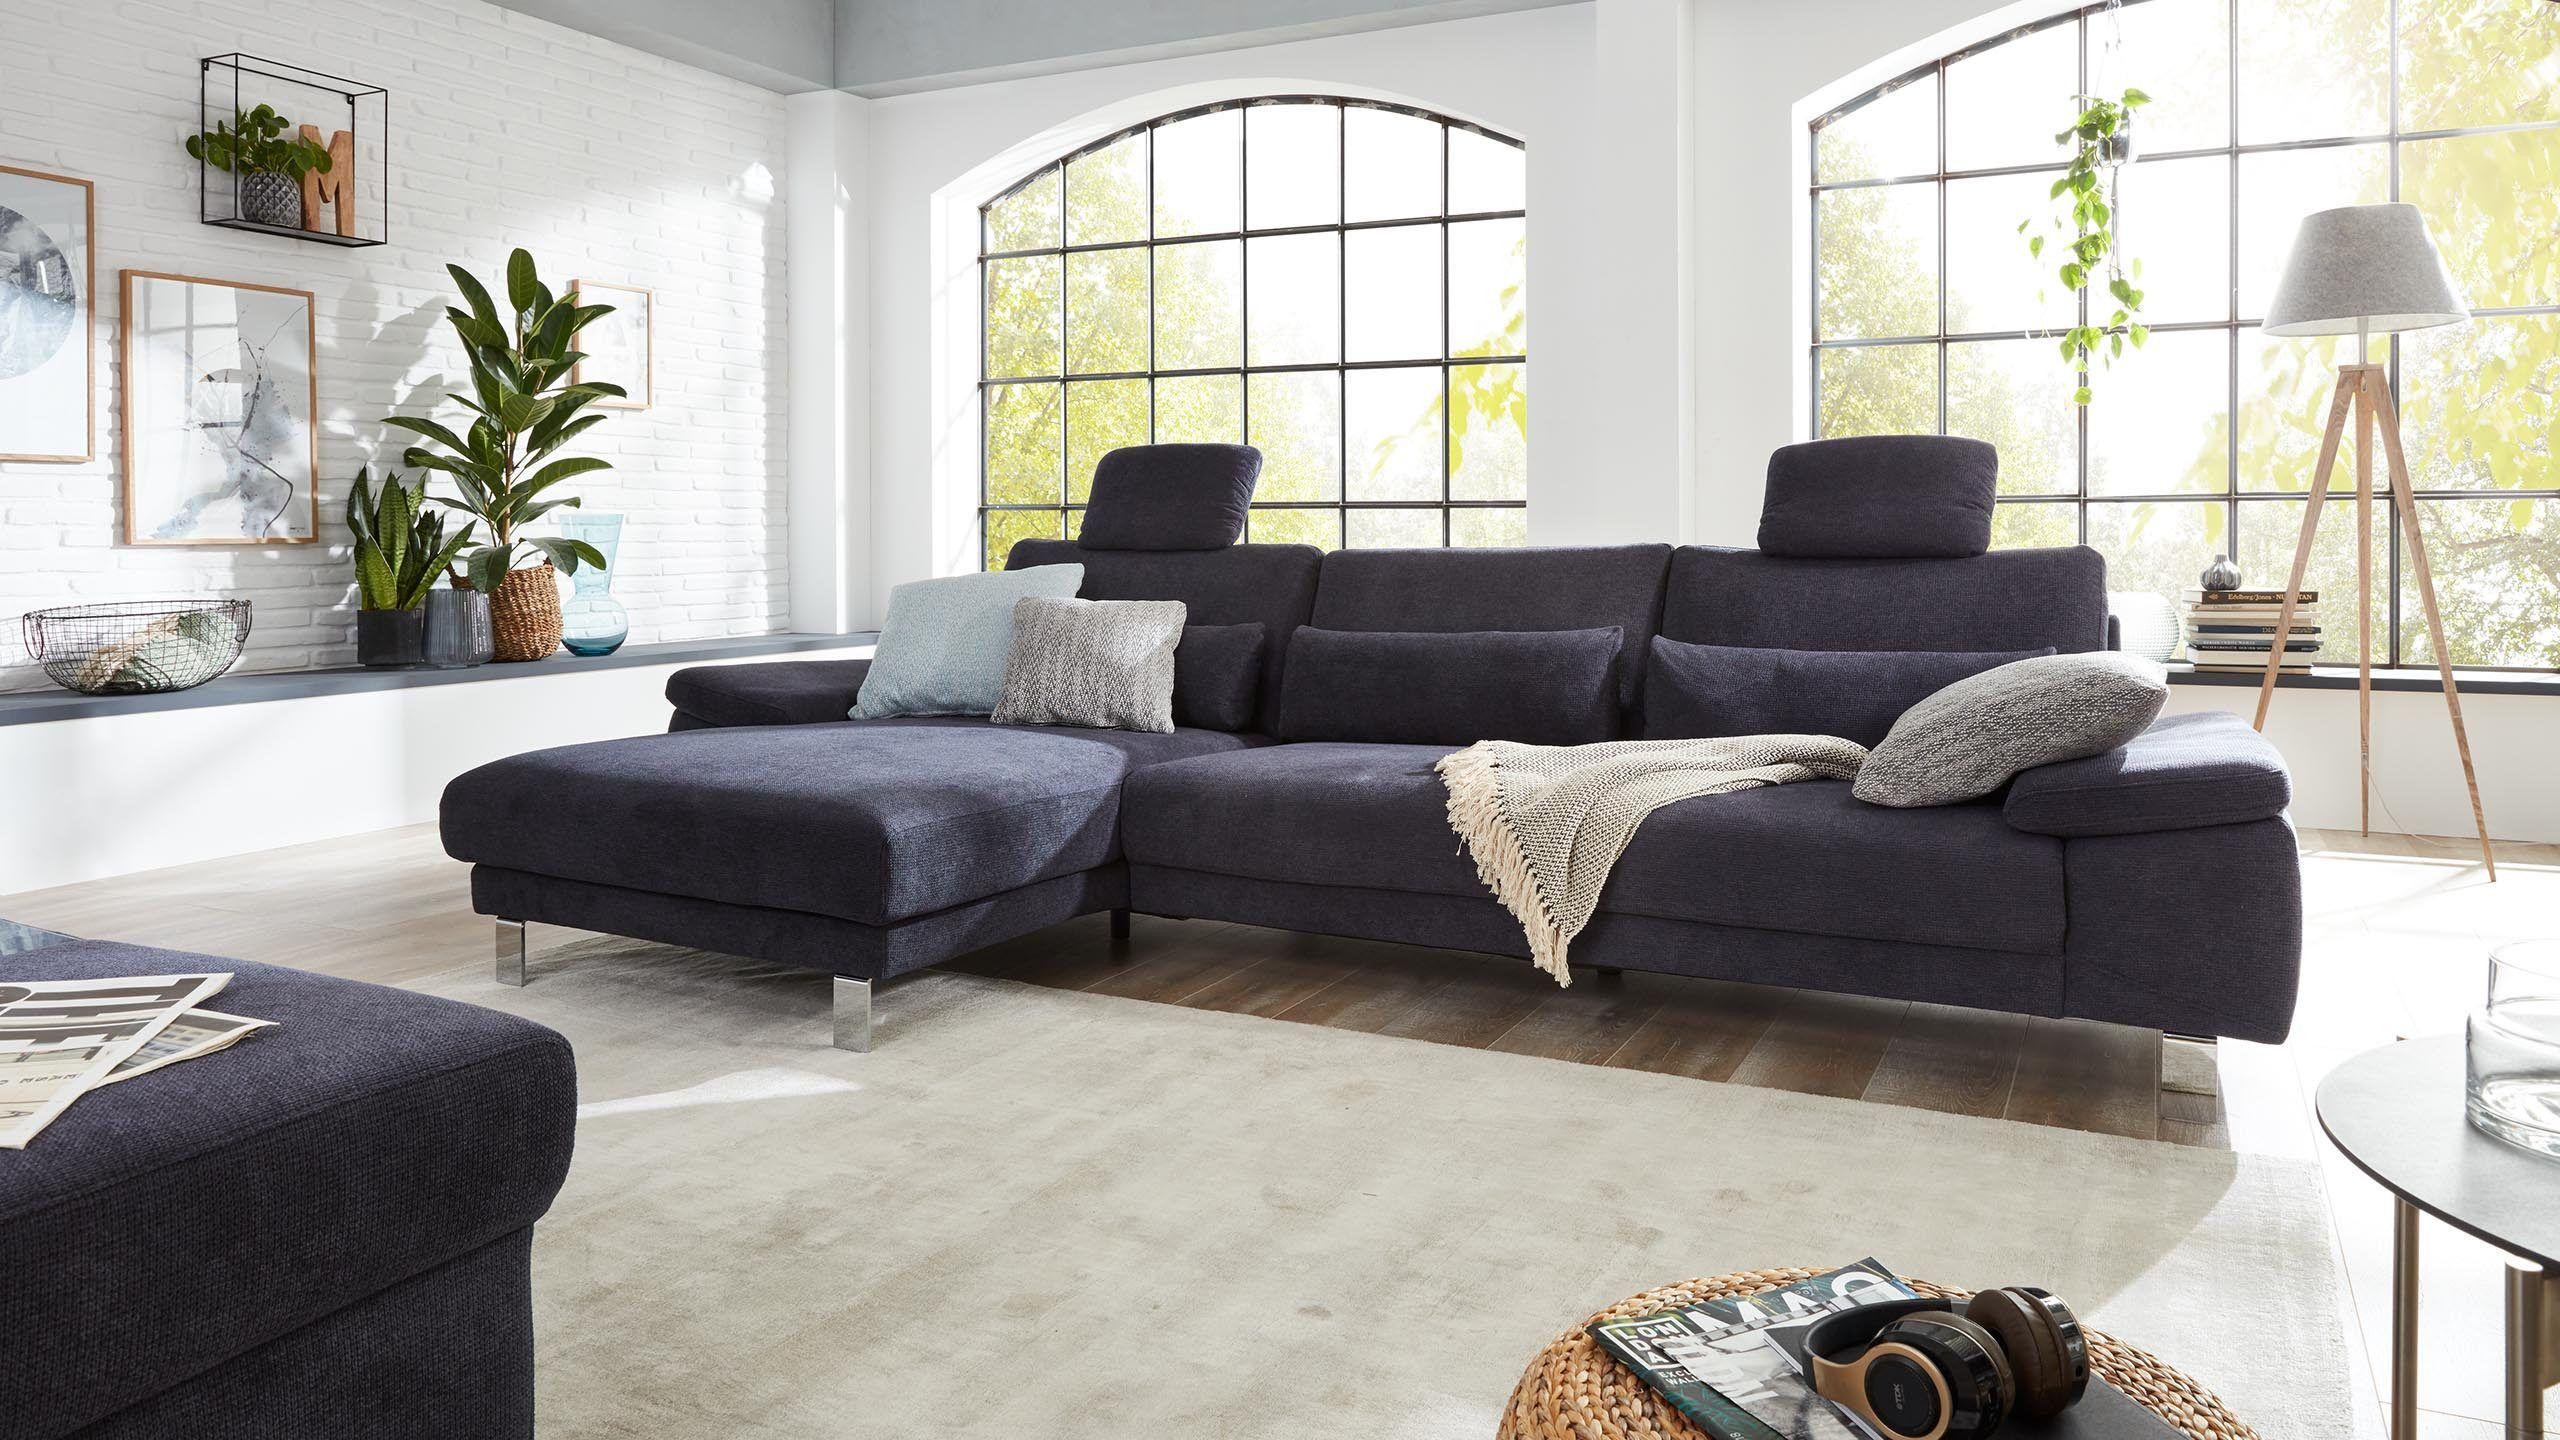 Die Interliving Sofa Serie 4301 Ist In Verschiedenen Ausfuhrungen Erhaltlich Als Klassisches Einzelsofa Eckkombination Oder Grosse Haus Deko Wohnen Wohnzimmer